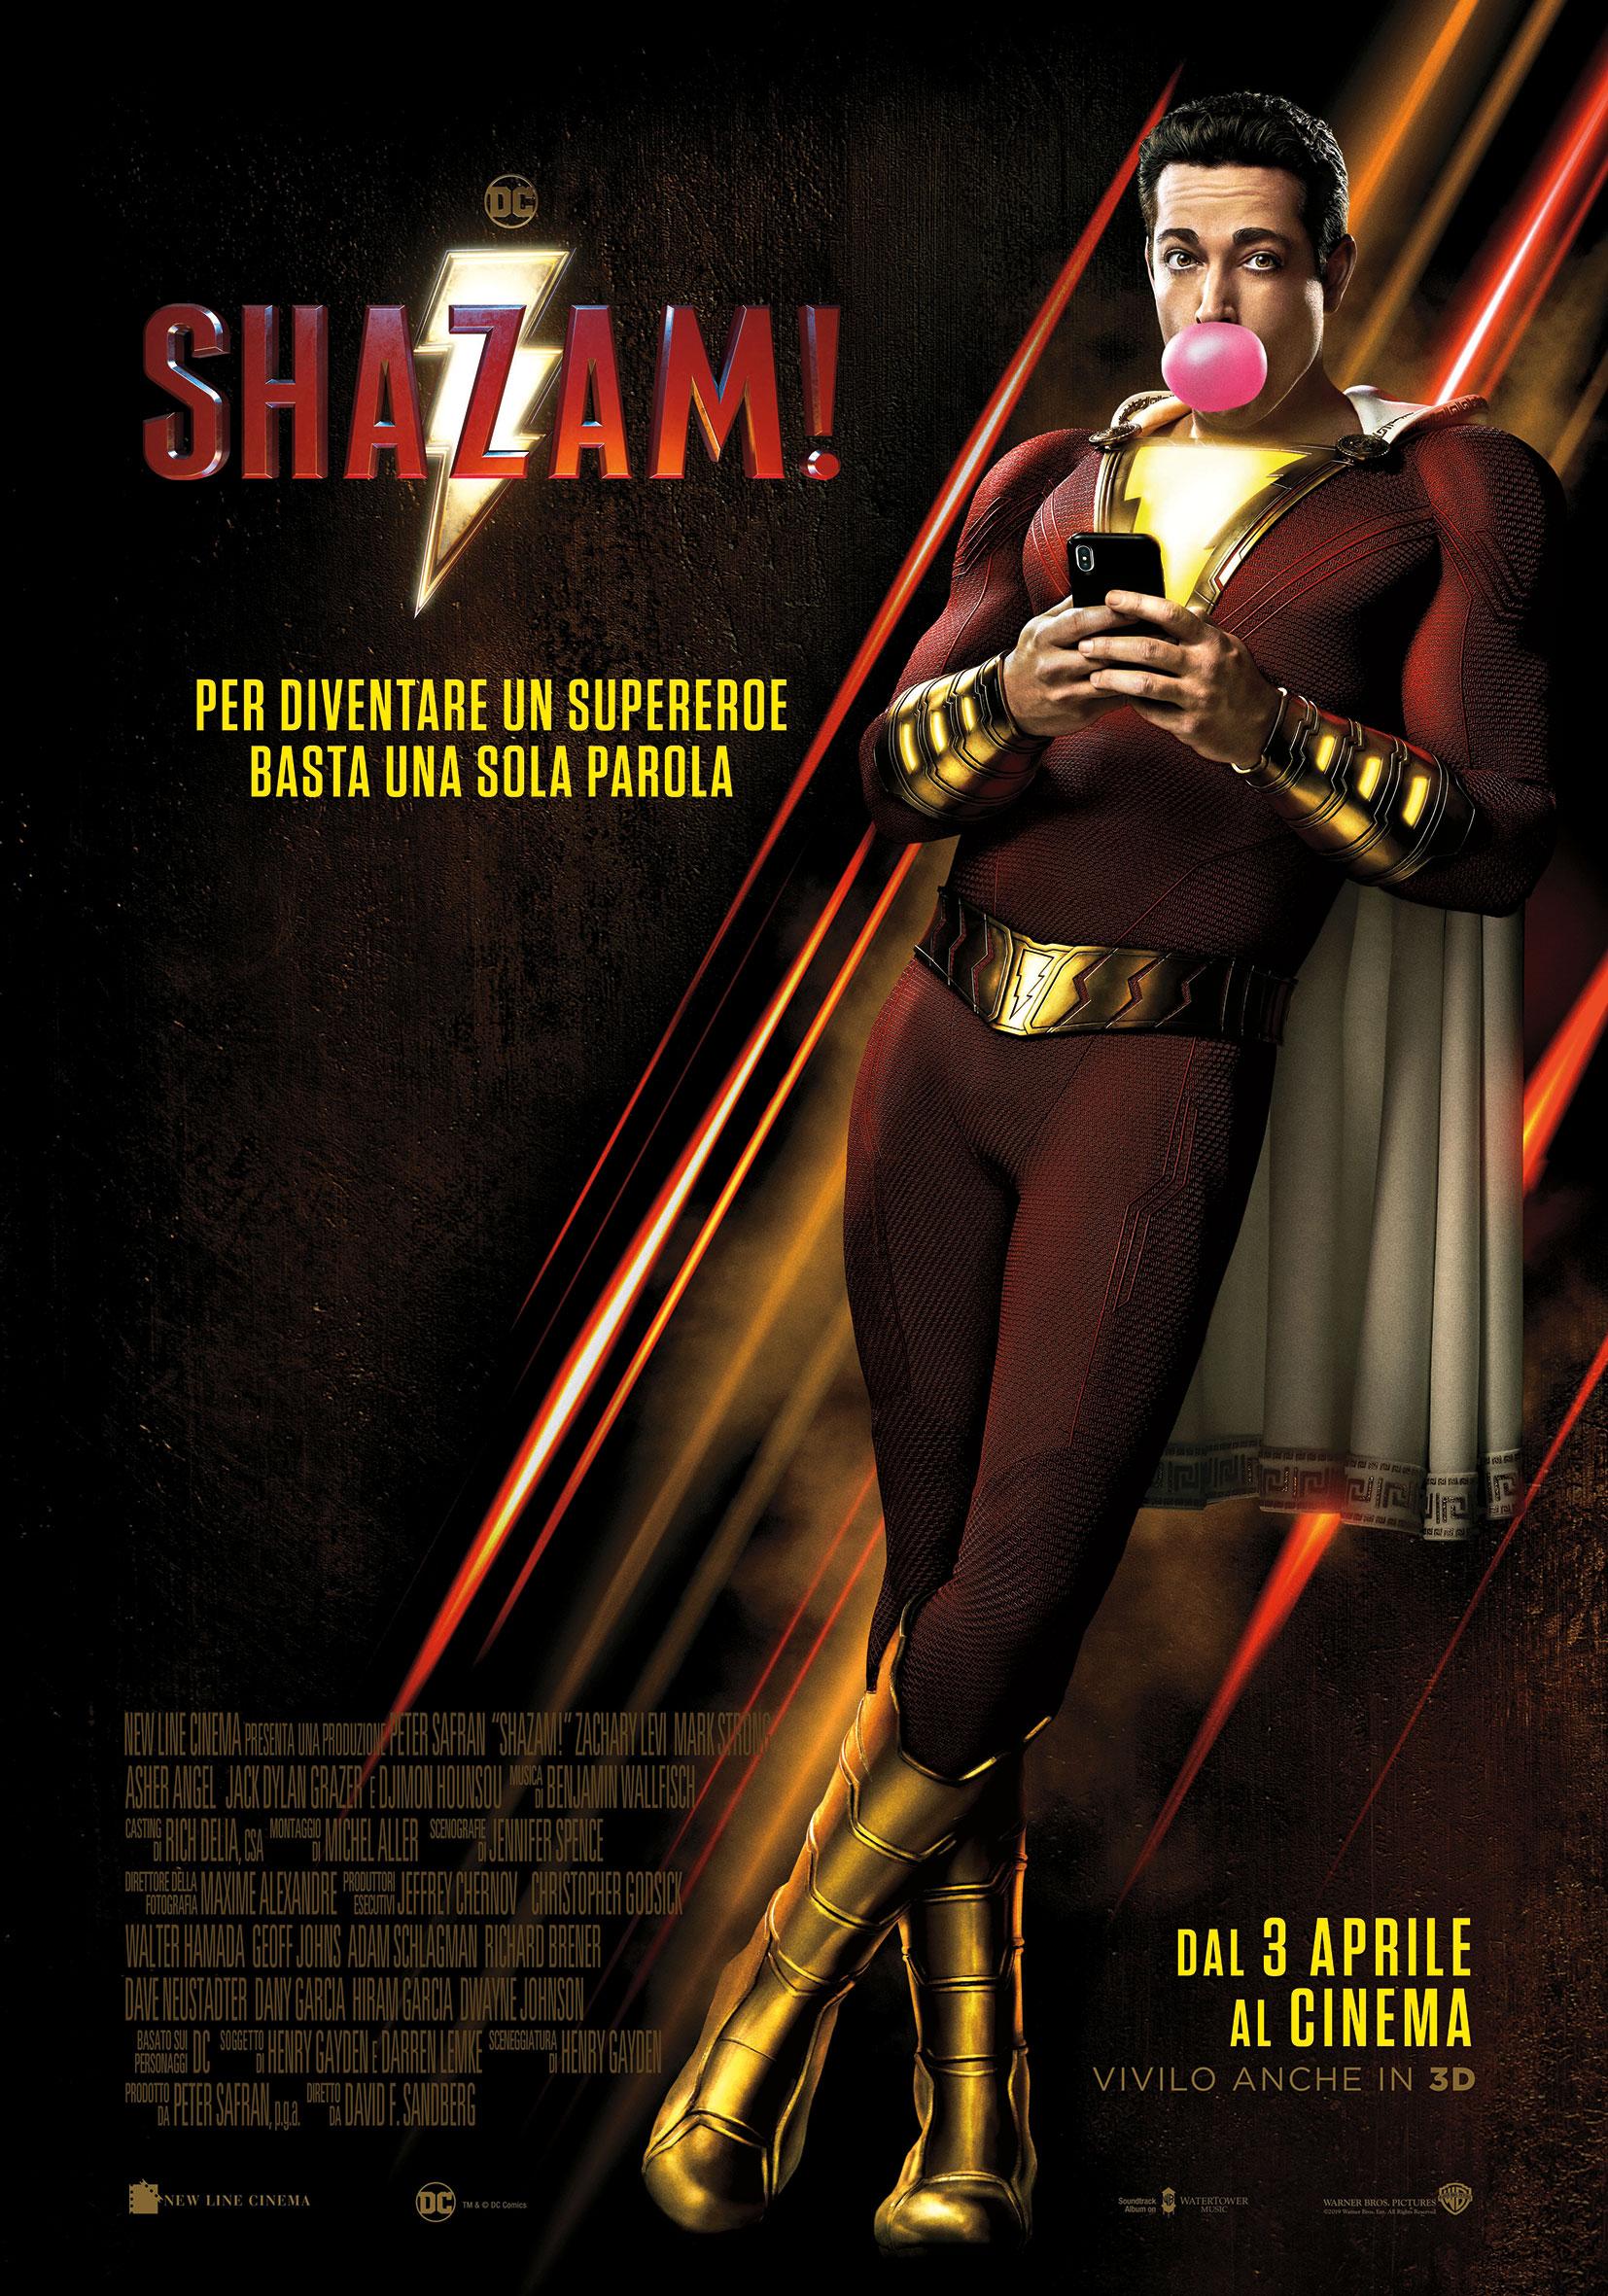 Shazam! - Poster Ufficiale Italiano del film